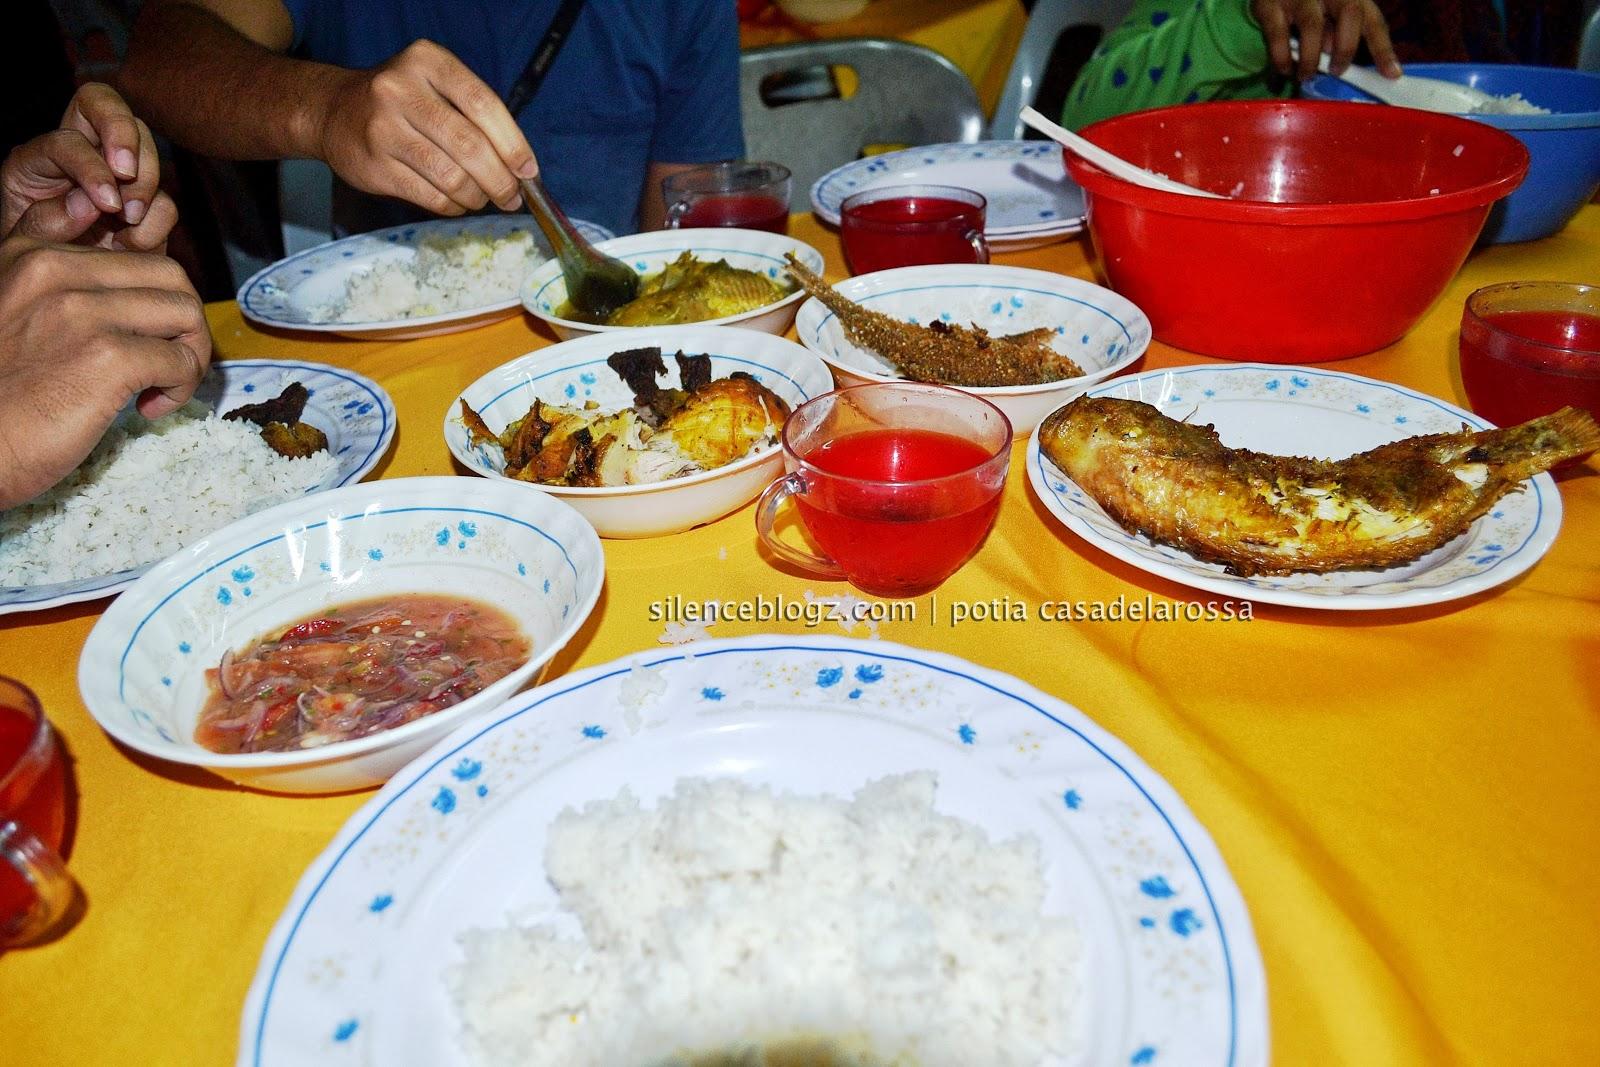 Makan malam beramai-ramai di Kg.Beng